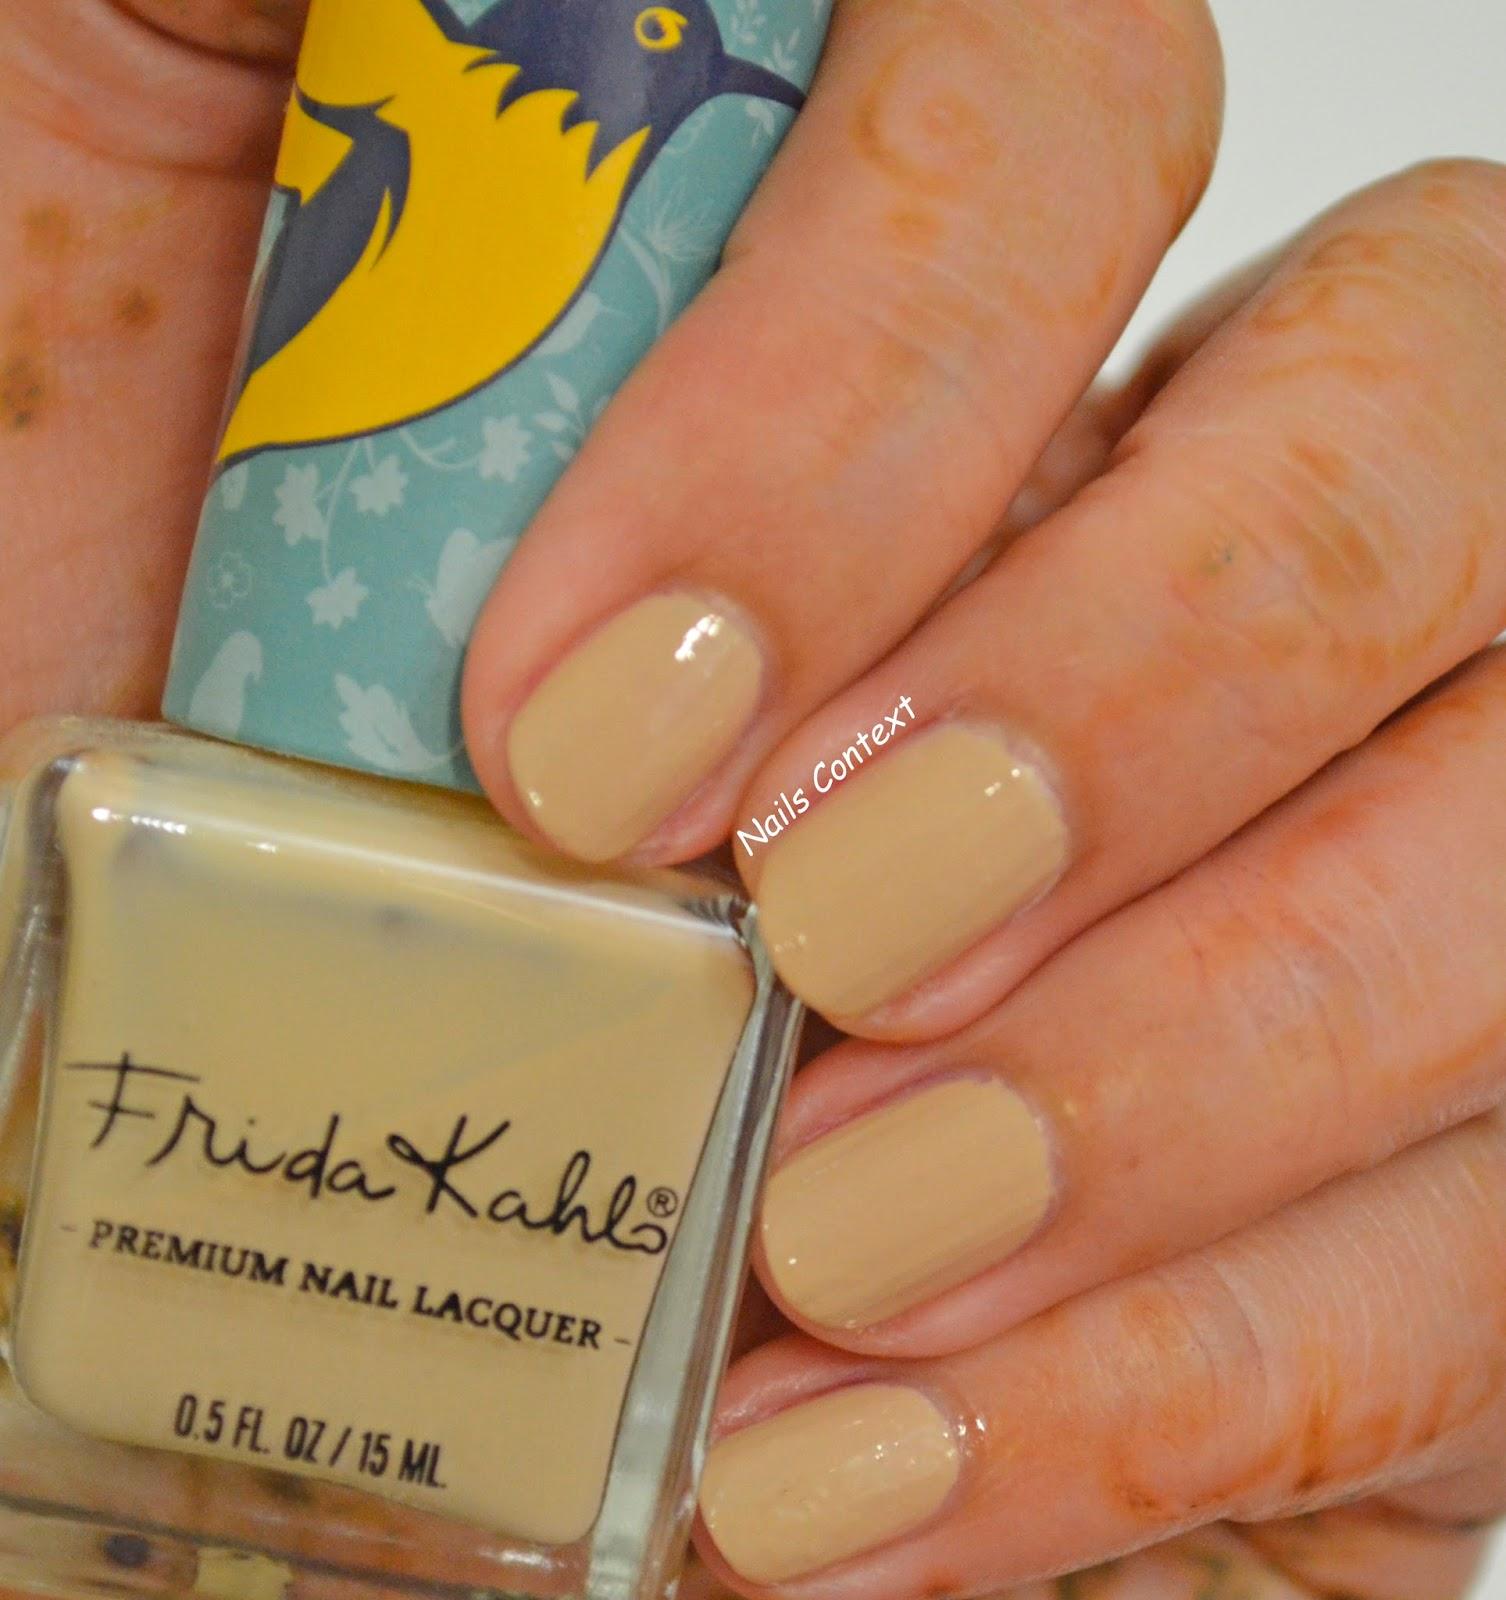 Nails Context: Frida Kahlo